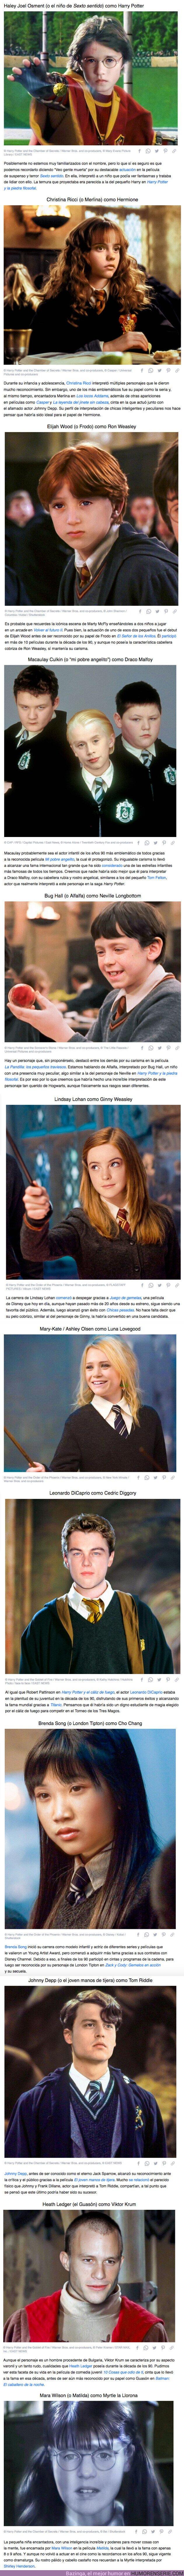 """66834 - GALERÍA: Cómo se verían los estudiantes de Hogwarts si """"Harry Potter"""" se hubiera hecho en los 90 con actores famosos de la época"""